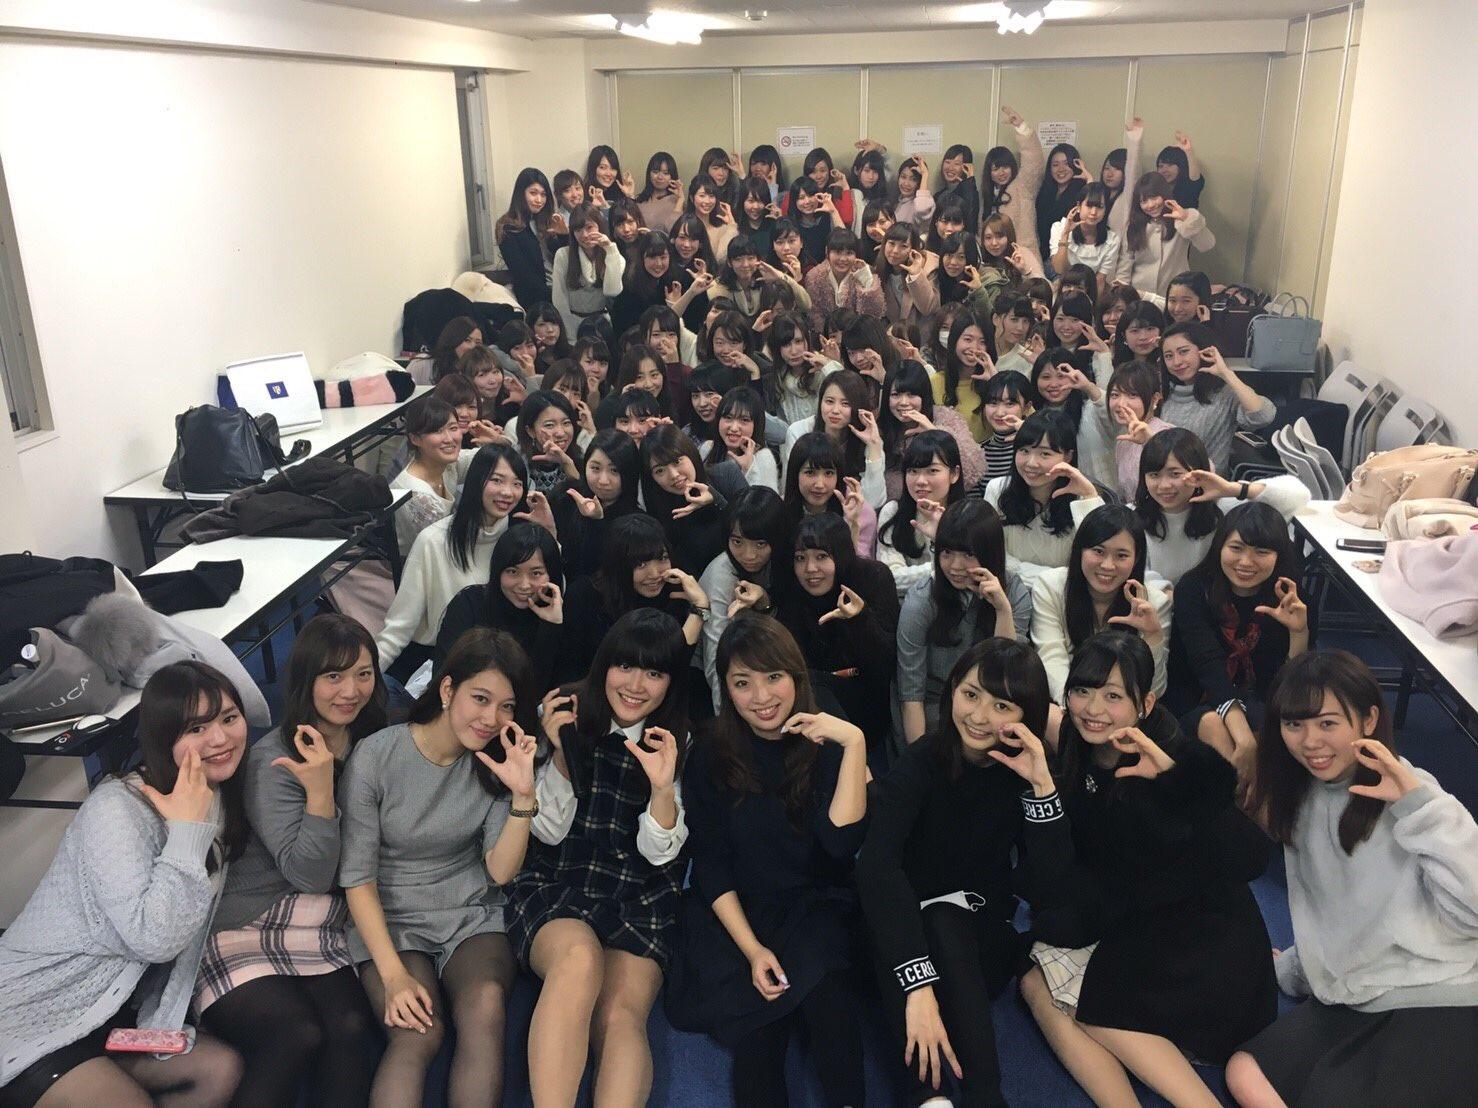 【画像】女の子100人ぐらいがいる部屋、めちゃくちゃ良い匂いがしそうとワイ大興奮www